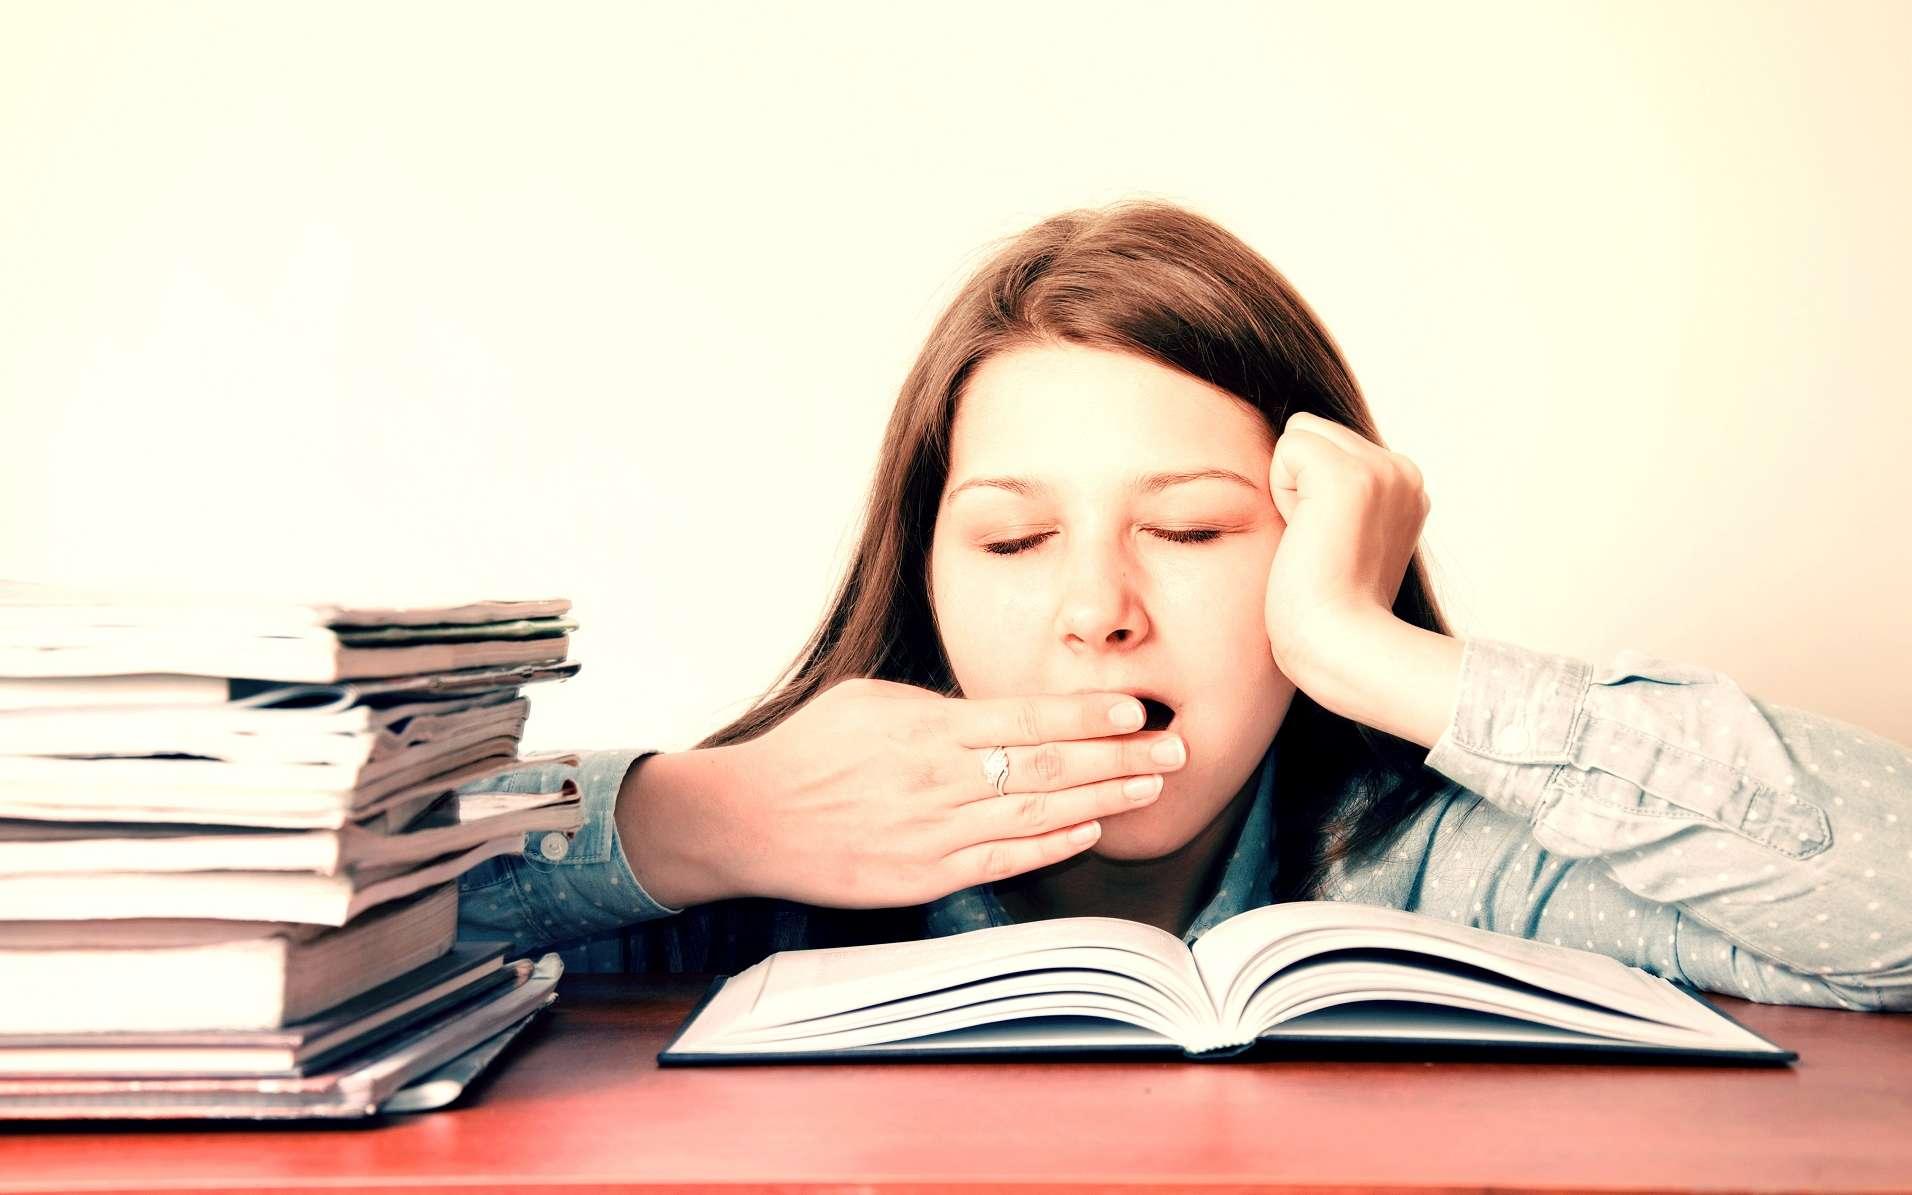 Le bâillement est signe de fatigue. © Milosz Aniol, Shutterstock